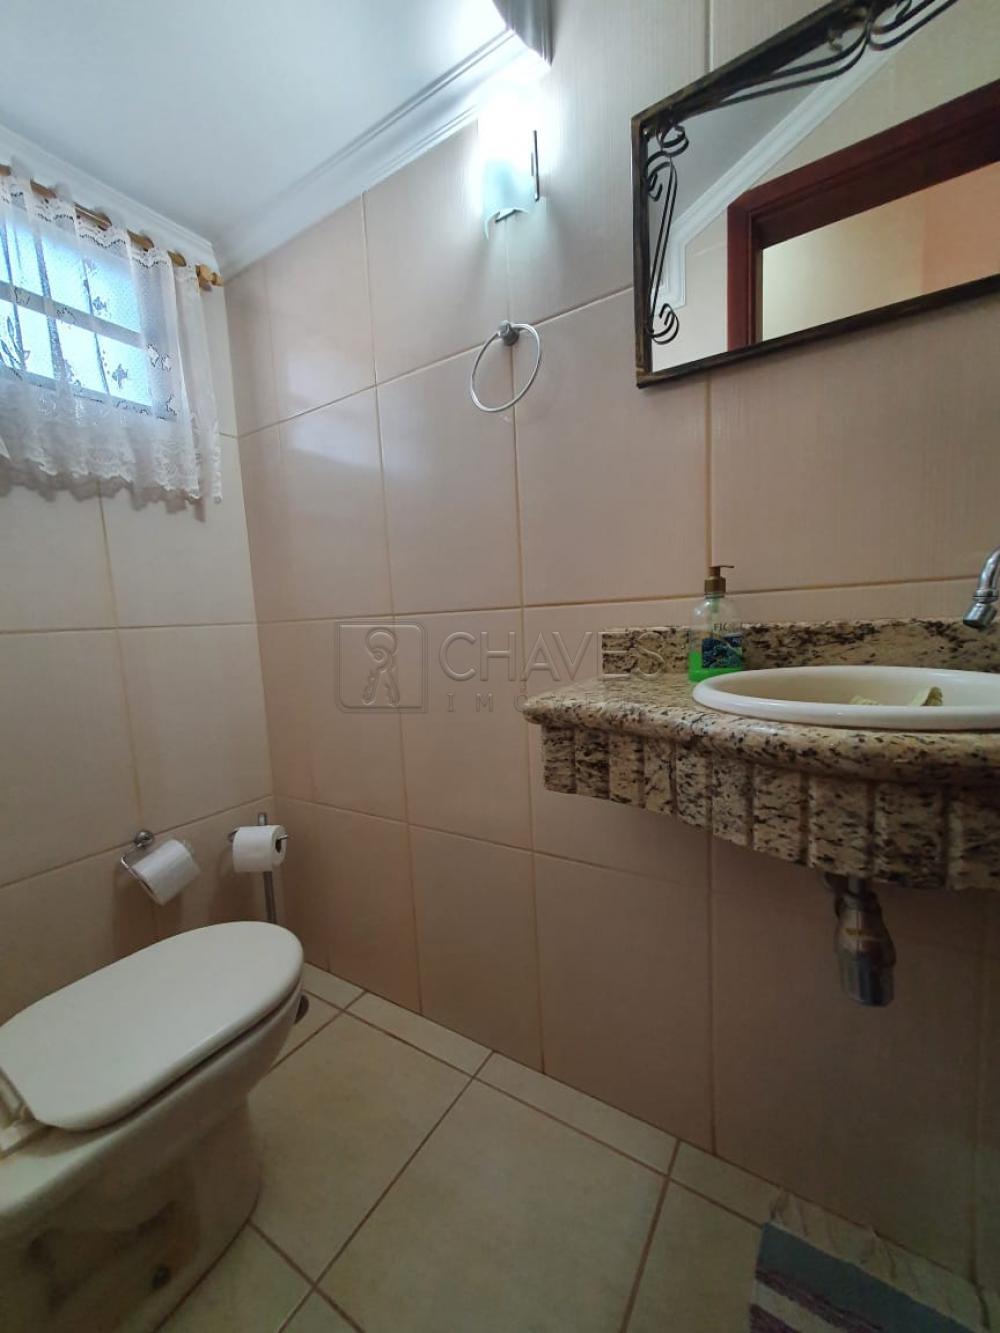 Comprar Casa / Condomínio em Bonfim Paulista apenas R$ 695.000,00 - Foto 14